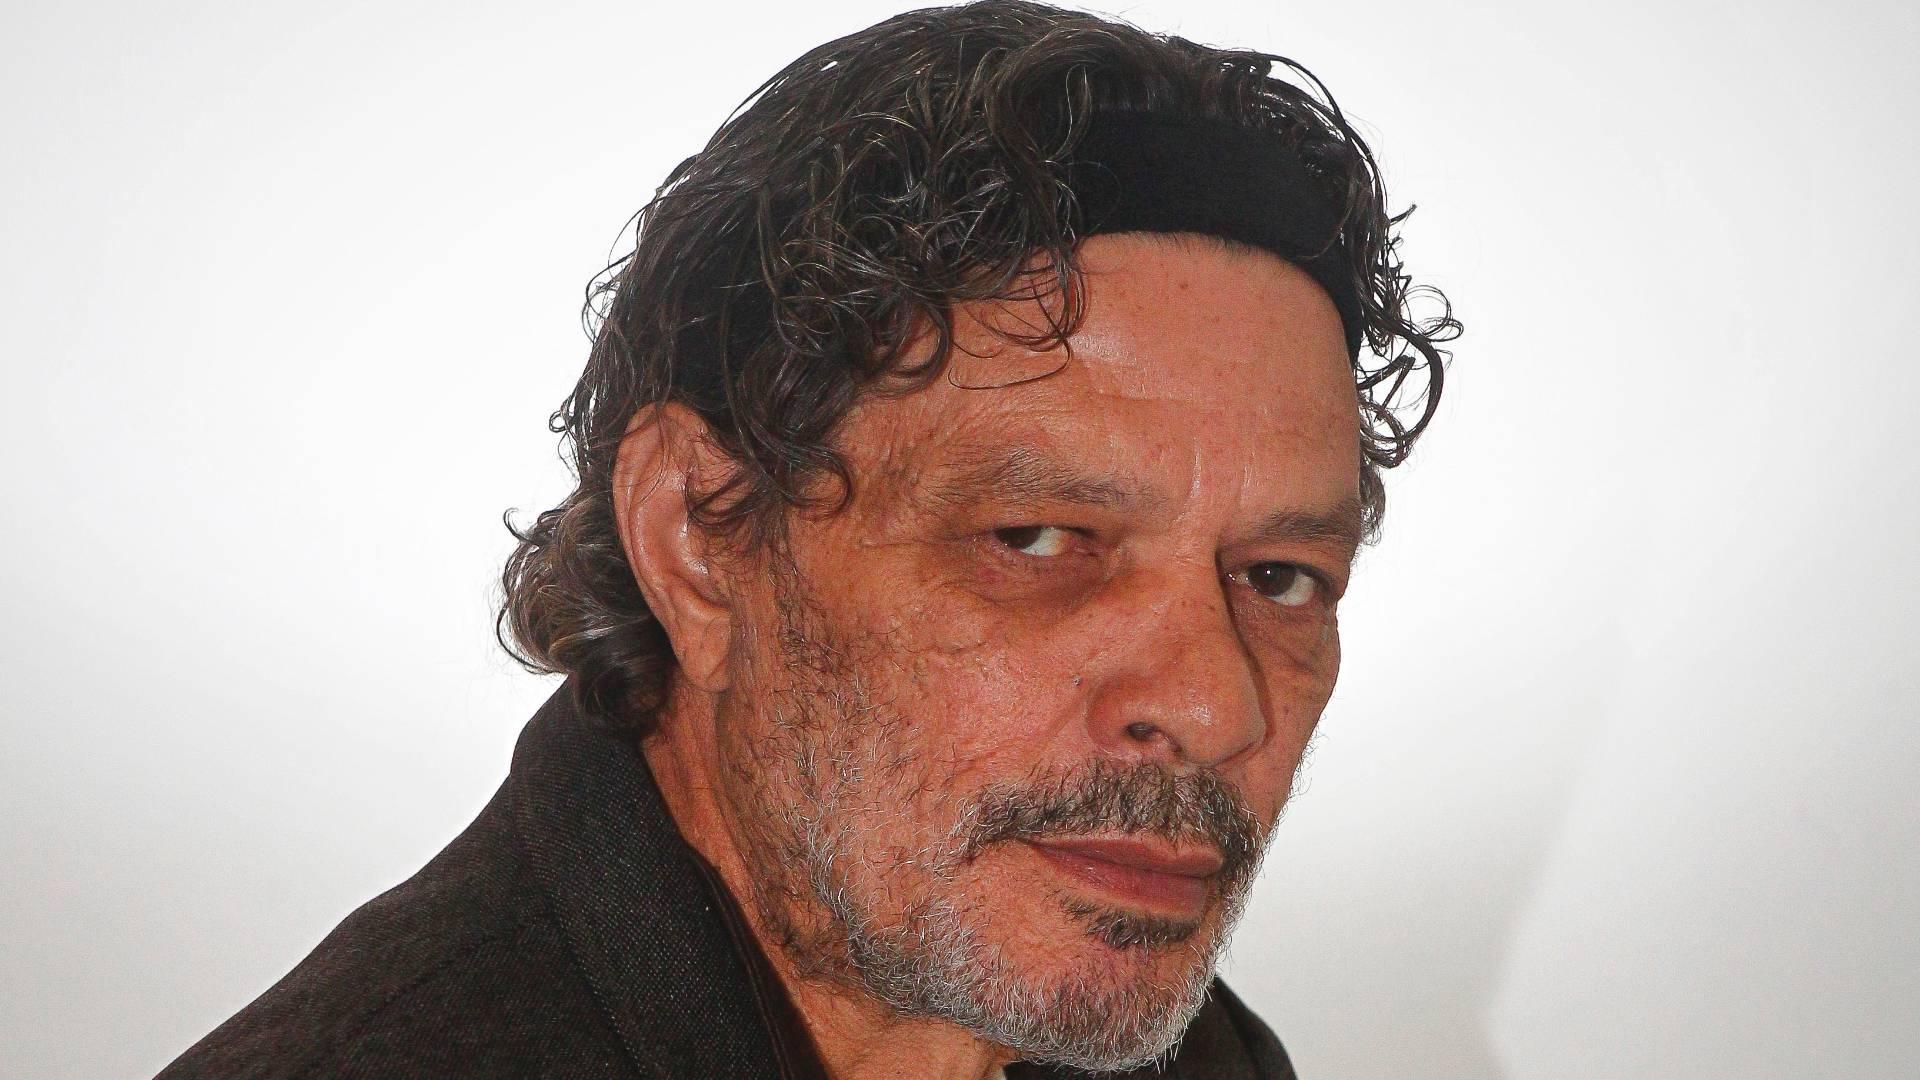 Sócrates posa para foto, em agosto de 2011, em São Paulo (SP). No período, o ídolo do Corinthians e da seleção brasileira trabalhava na TV Cultura, no jornal